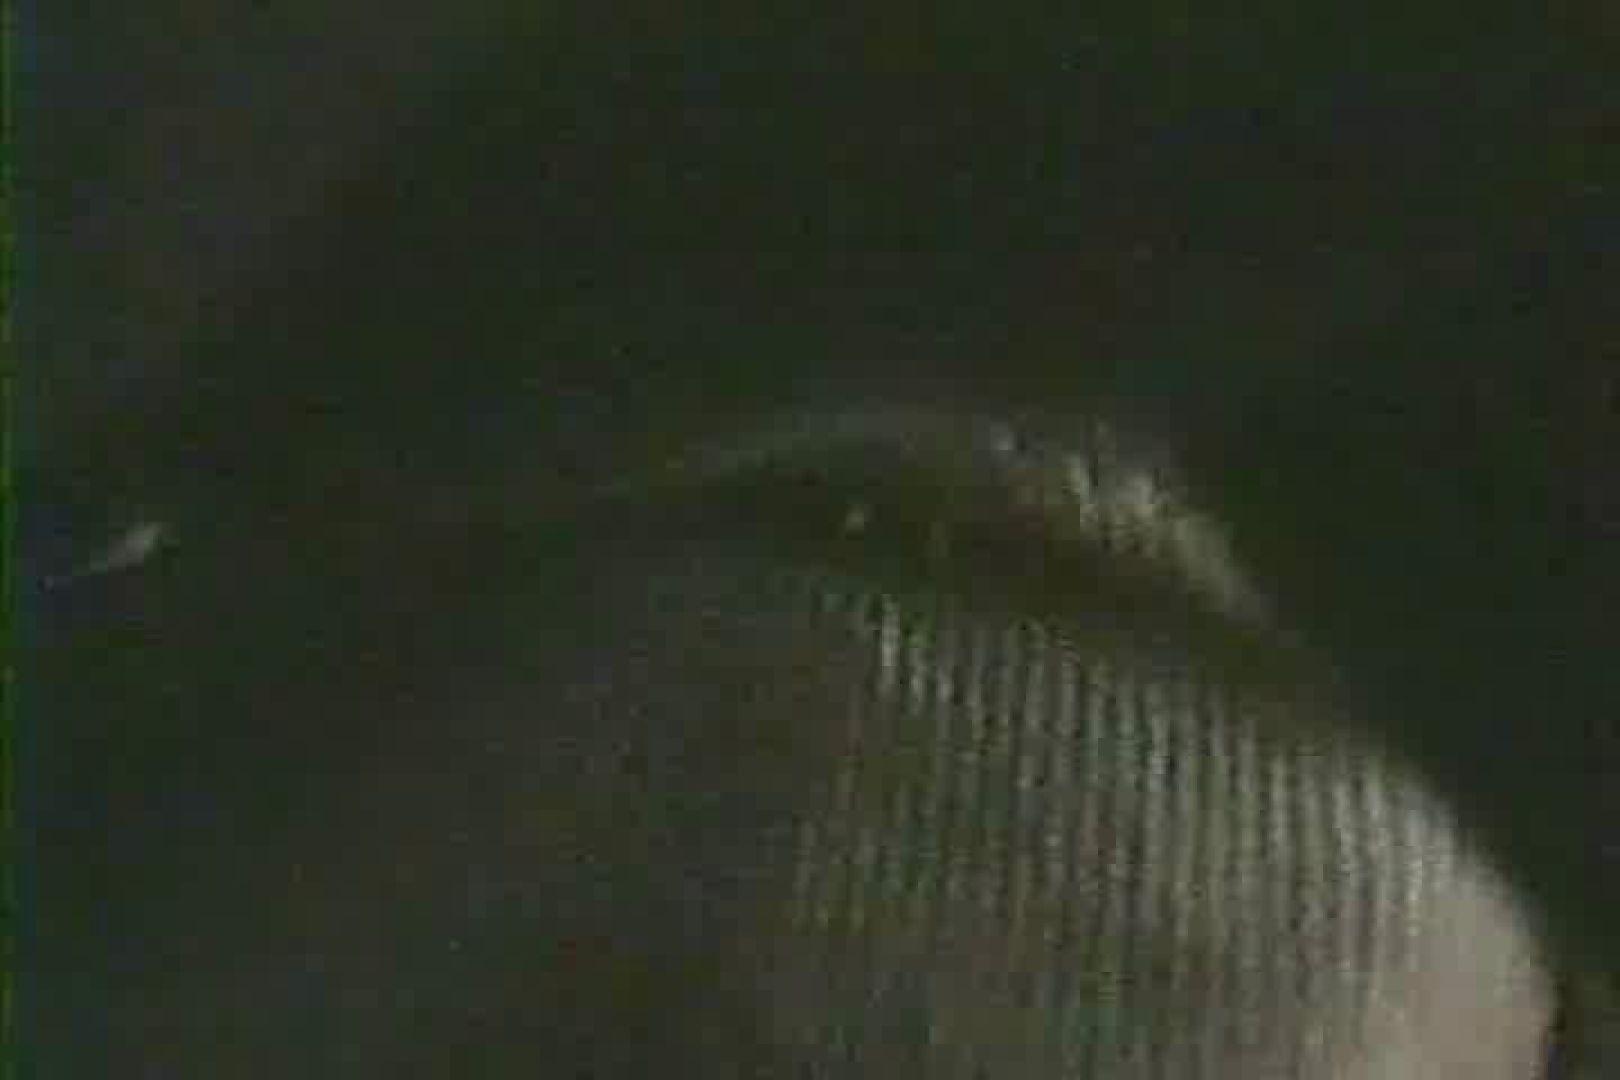 「ちくりん」さんのオリジナル未編集パンチラVol.9_02 美しいOLの裸体 セックス画像 77pic 50